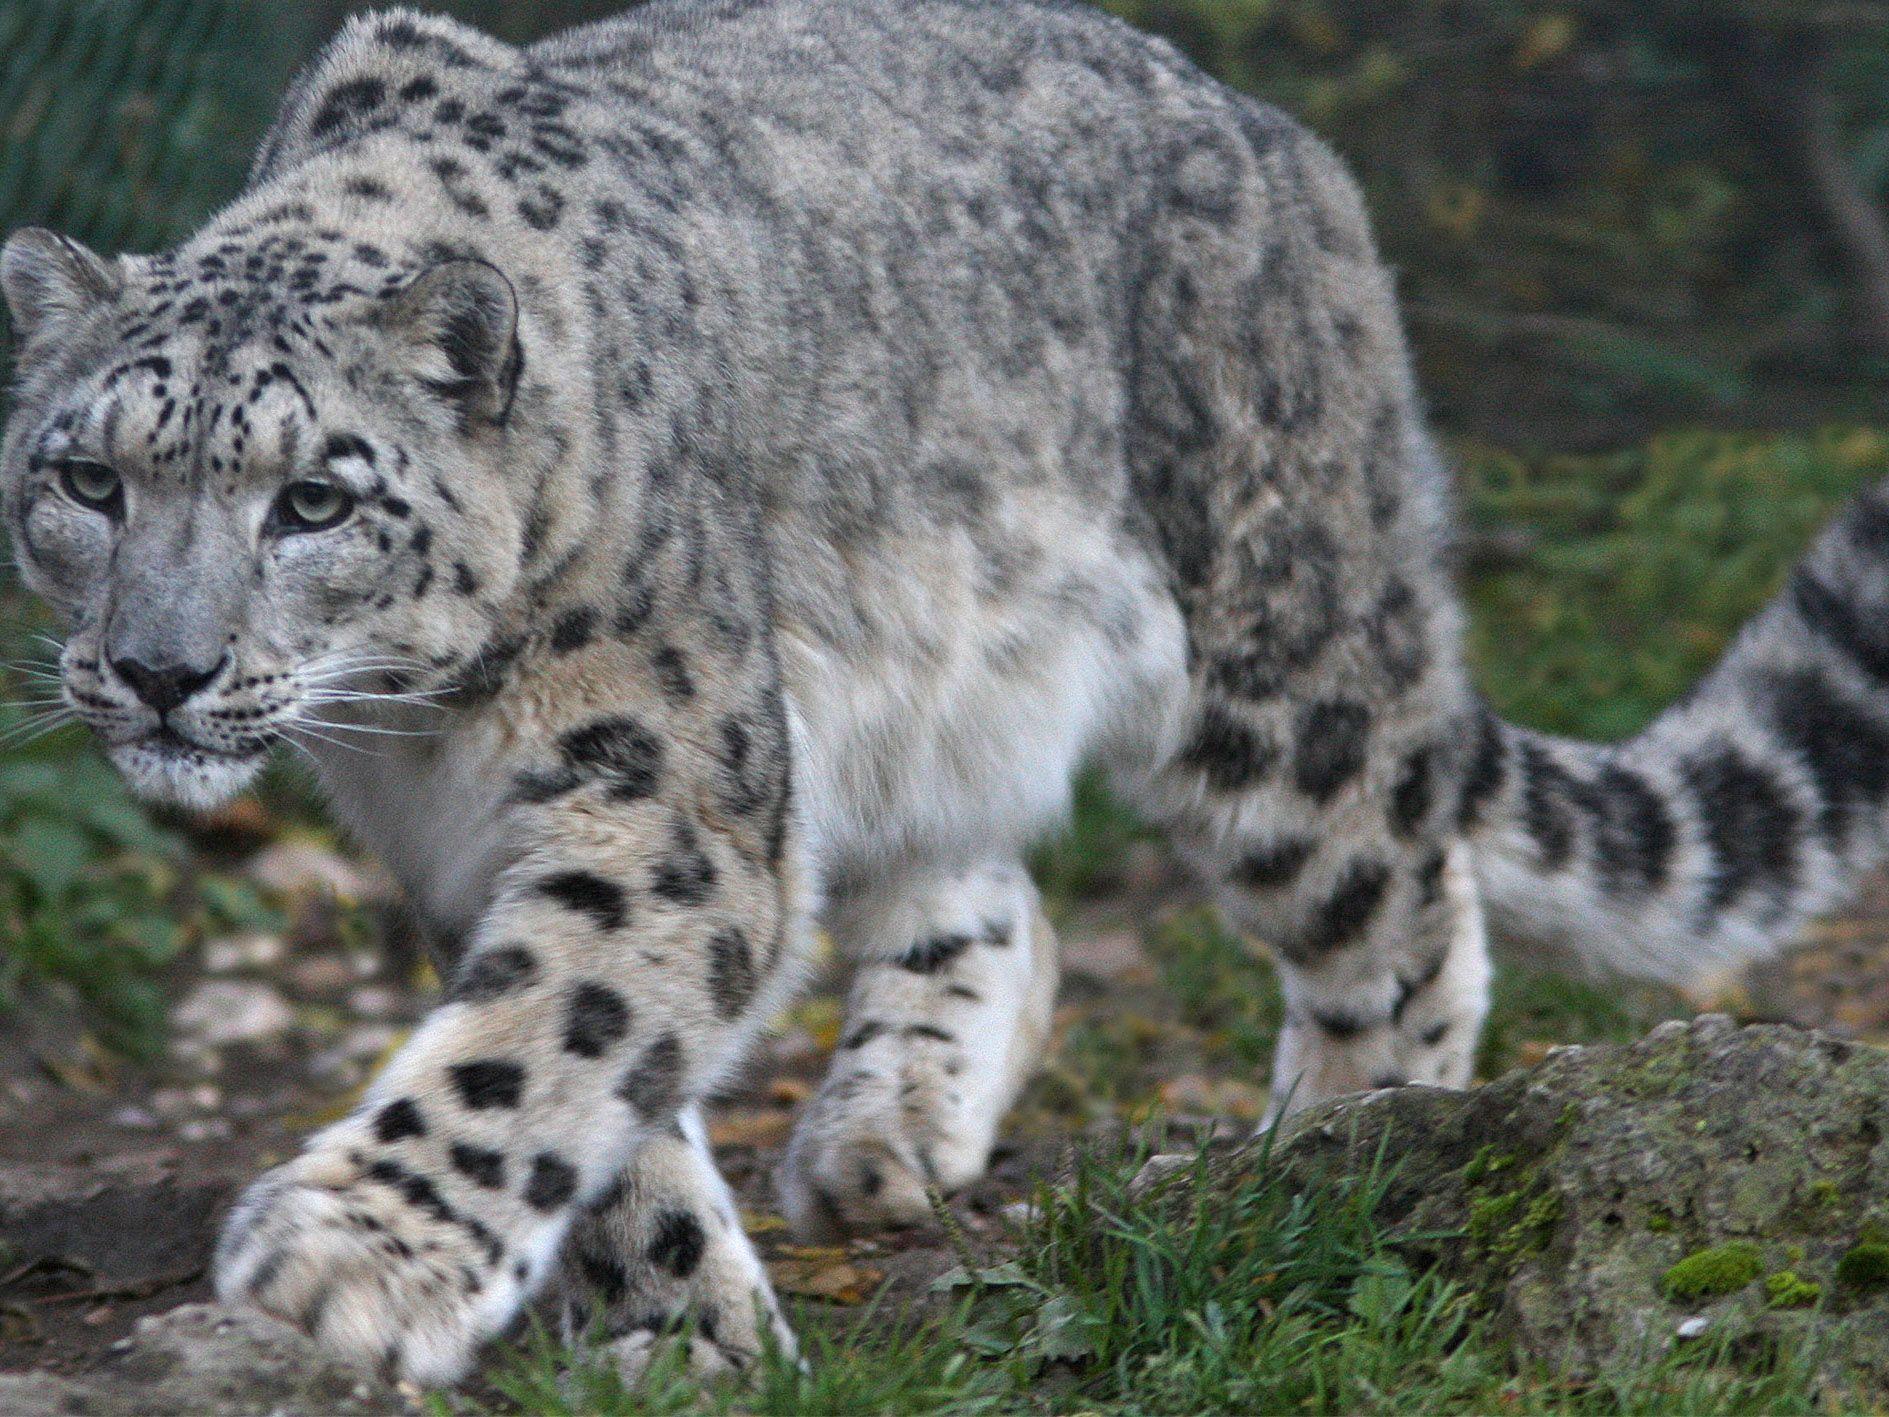 Der Schneeleopard gehört zu den nachtaktiven Bewohnern des Salzburger Zoos.